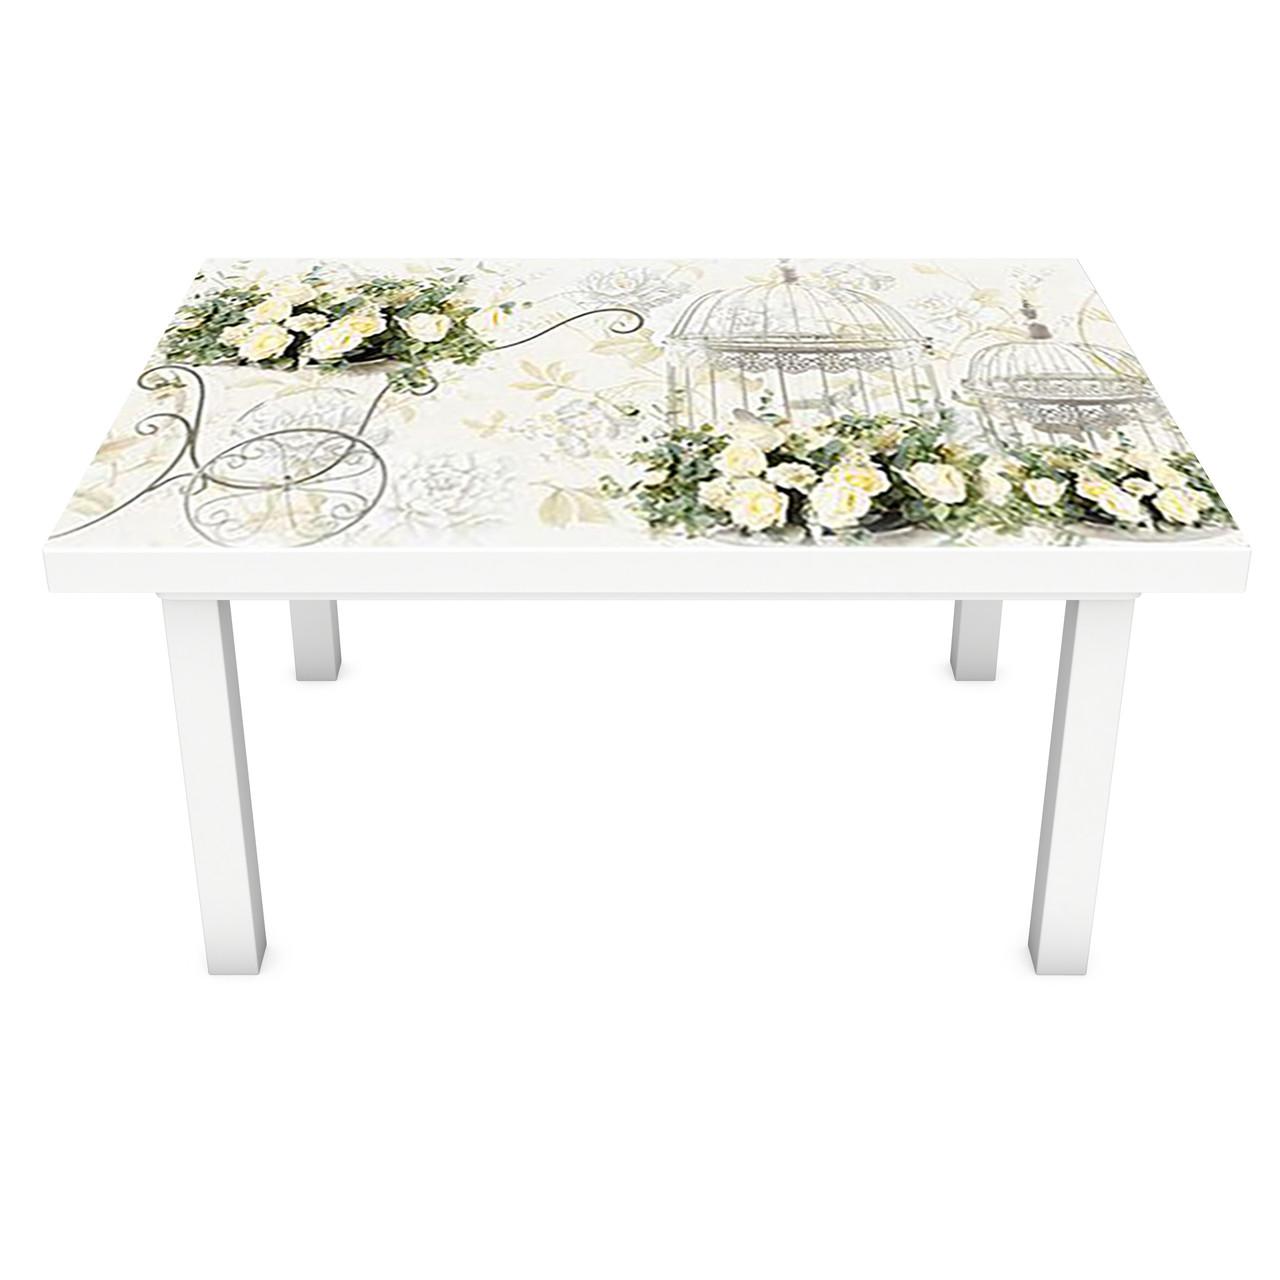 Наклейка на стіл вінілова Вантажні троянди ПВХ плівка для меблів інтер'єрна 3D квіти бежевий 600*1200 мм